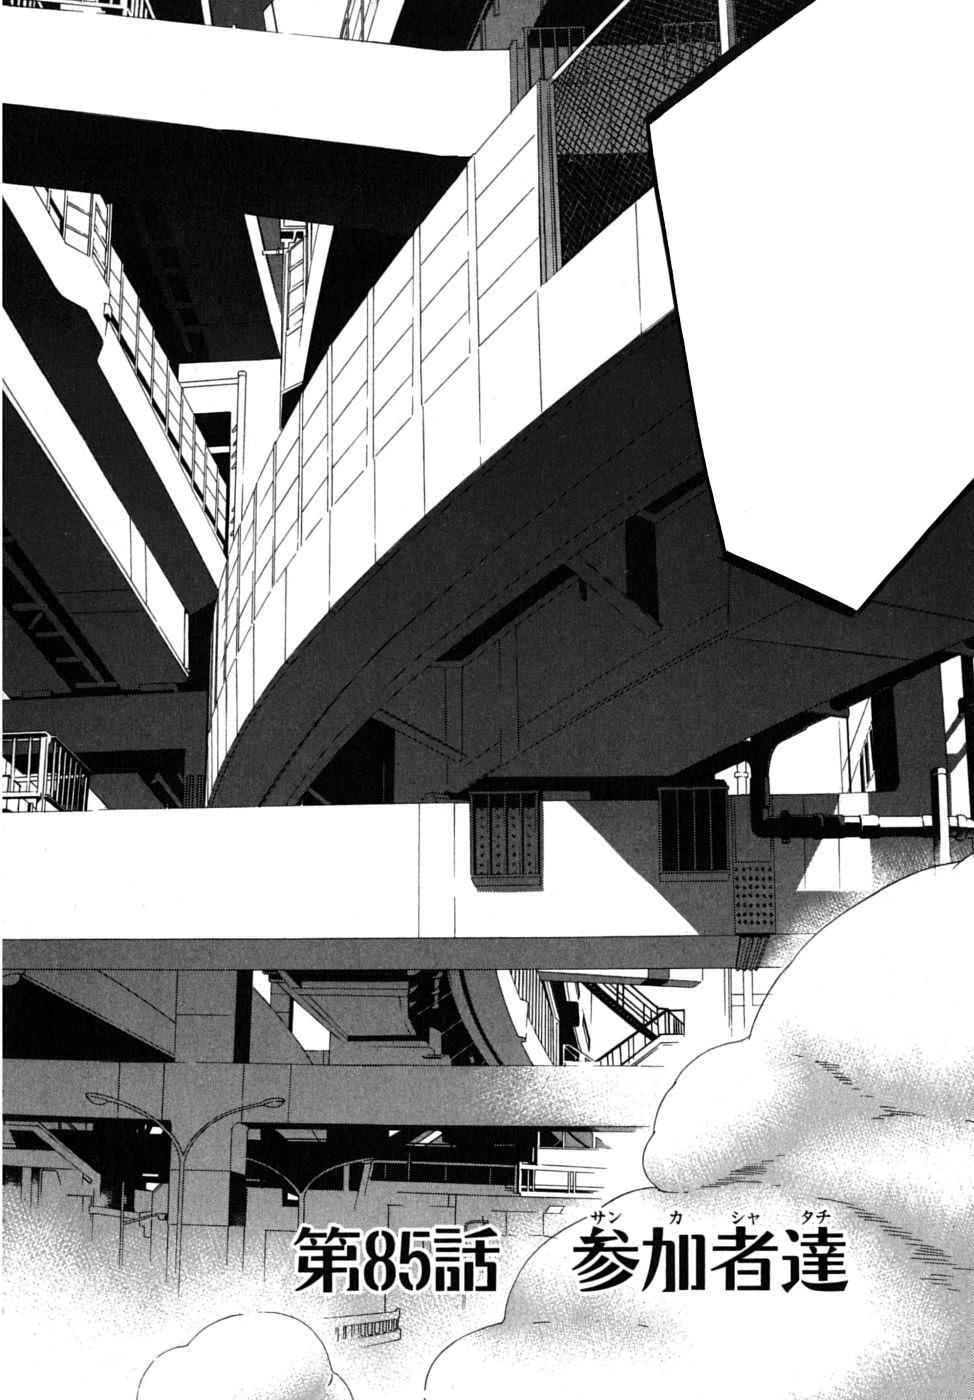 Sekirei manga chapter 085.jpg